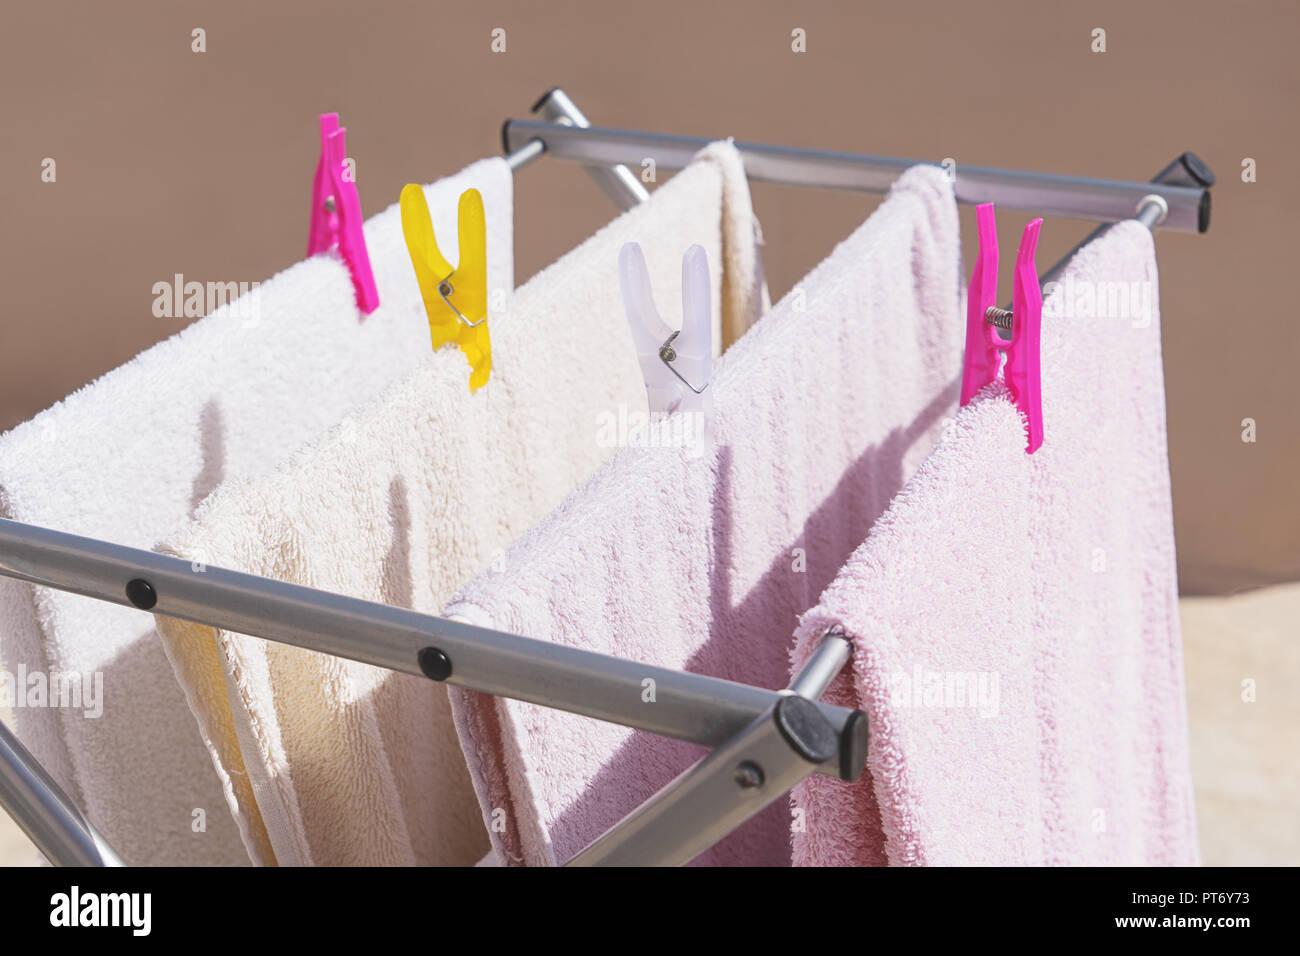 Beliebt Frische saubere Handtücher trocknen auf der Wäscheleine im Freien VB45